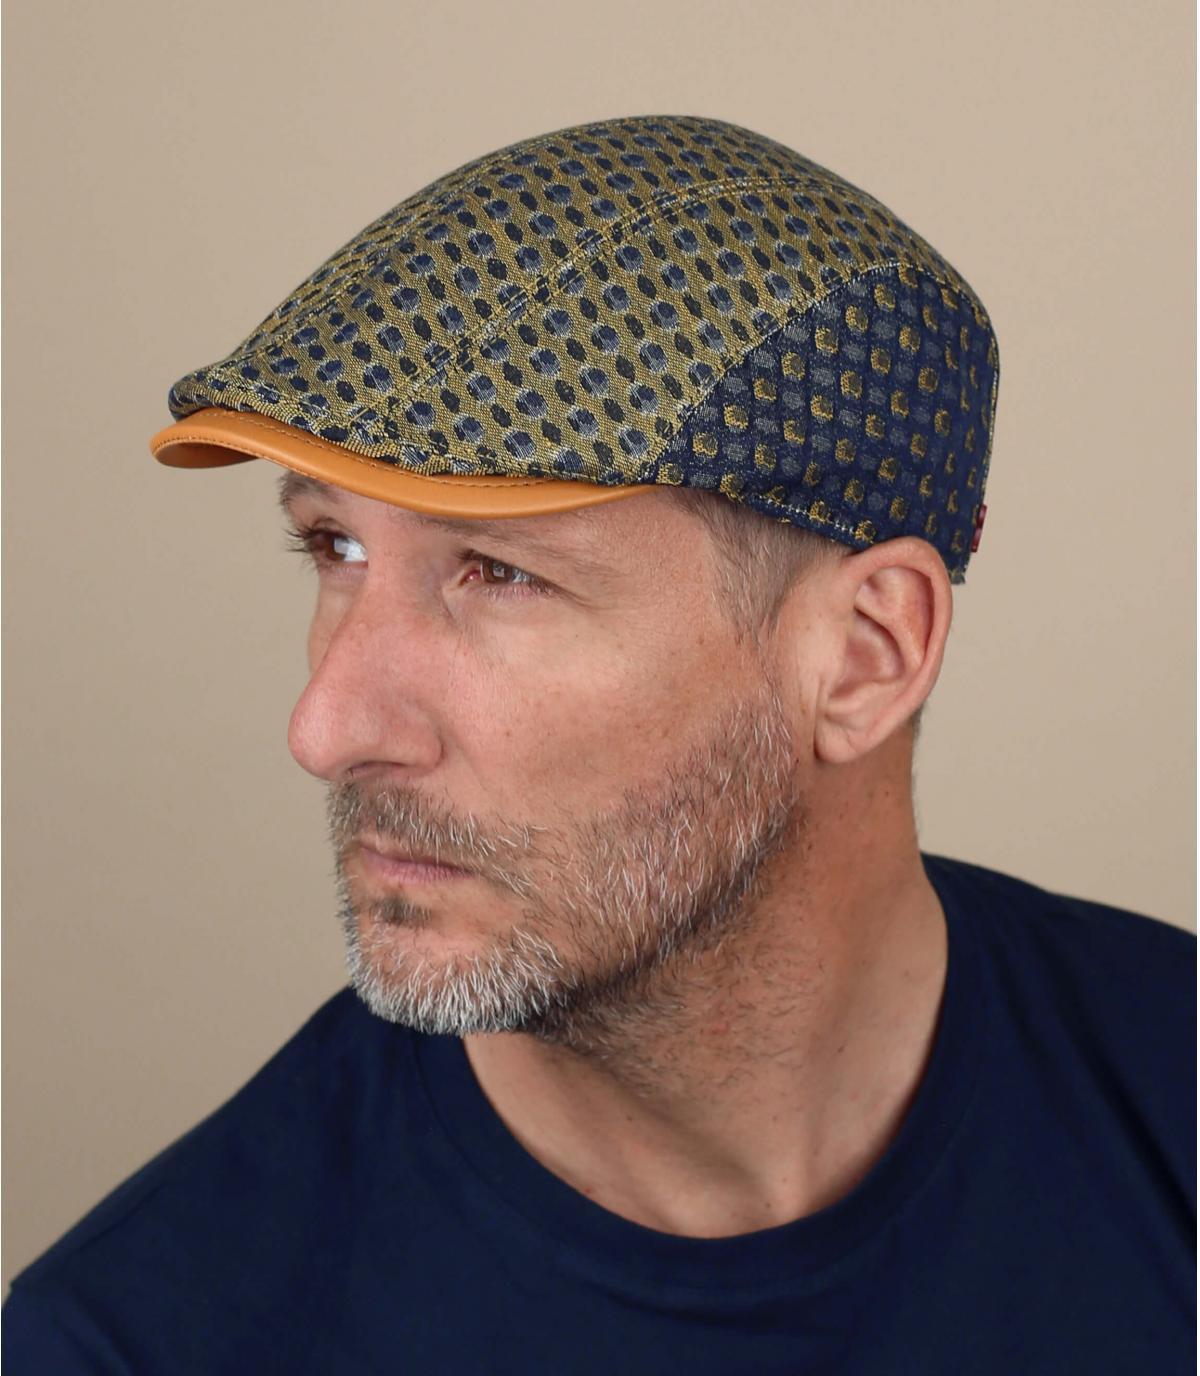 Gorra azul amarillo estampado